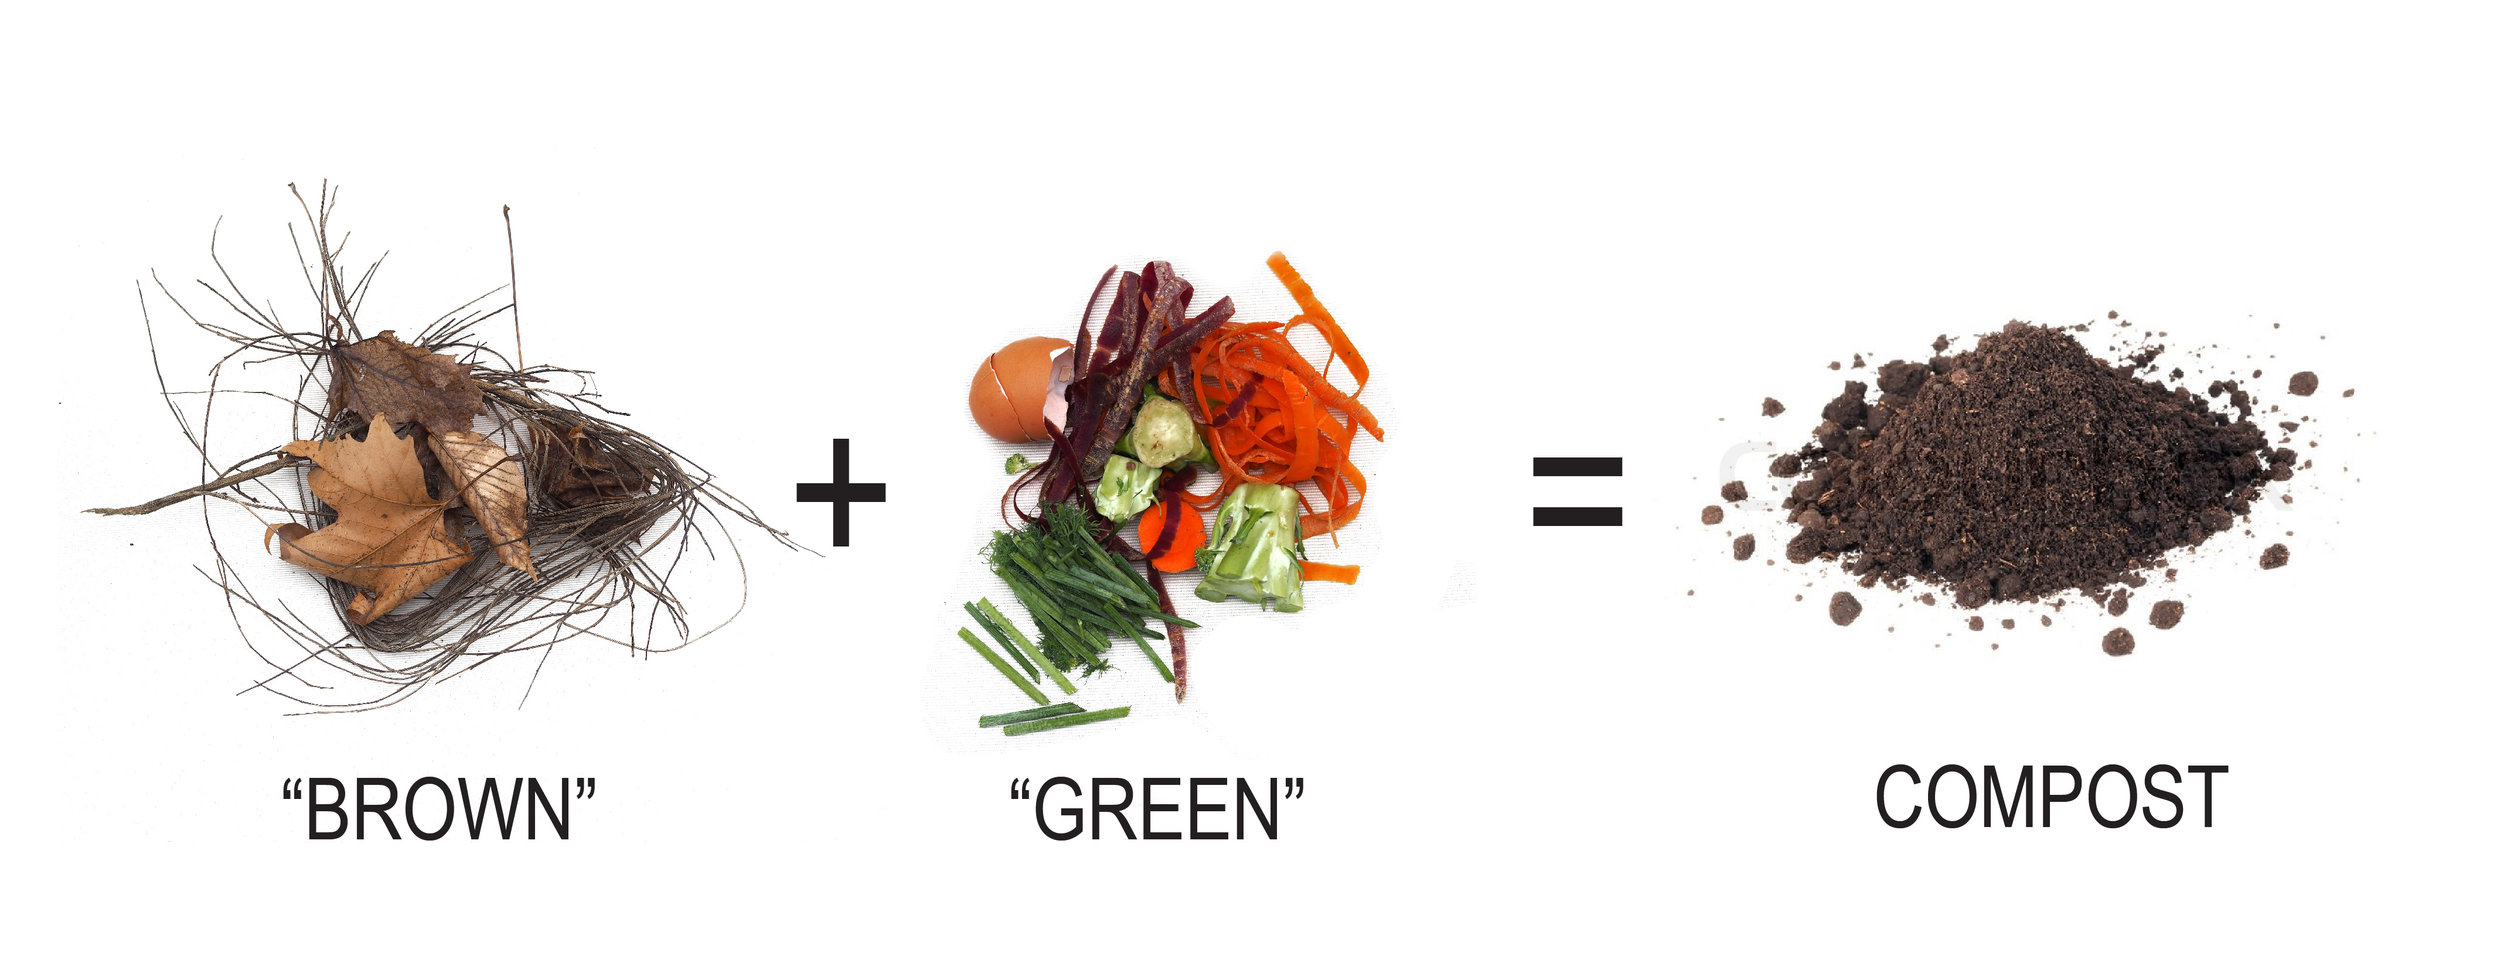 Compostinging Diagram